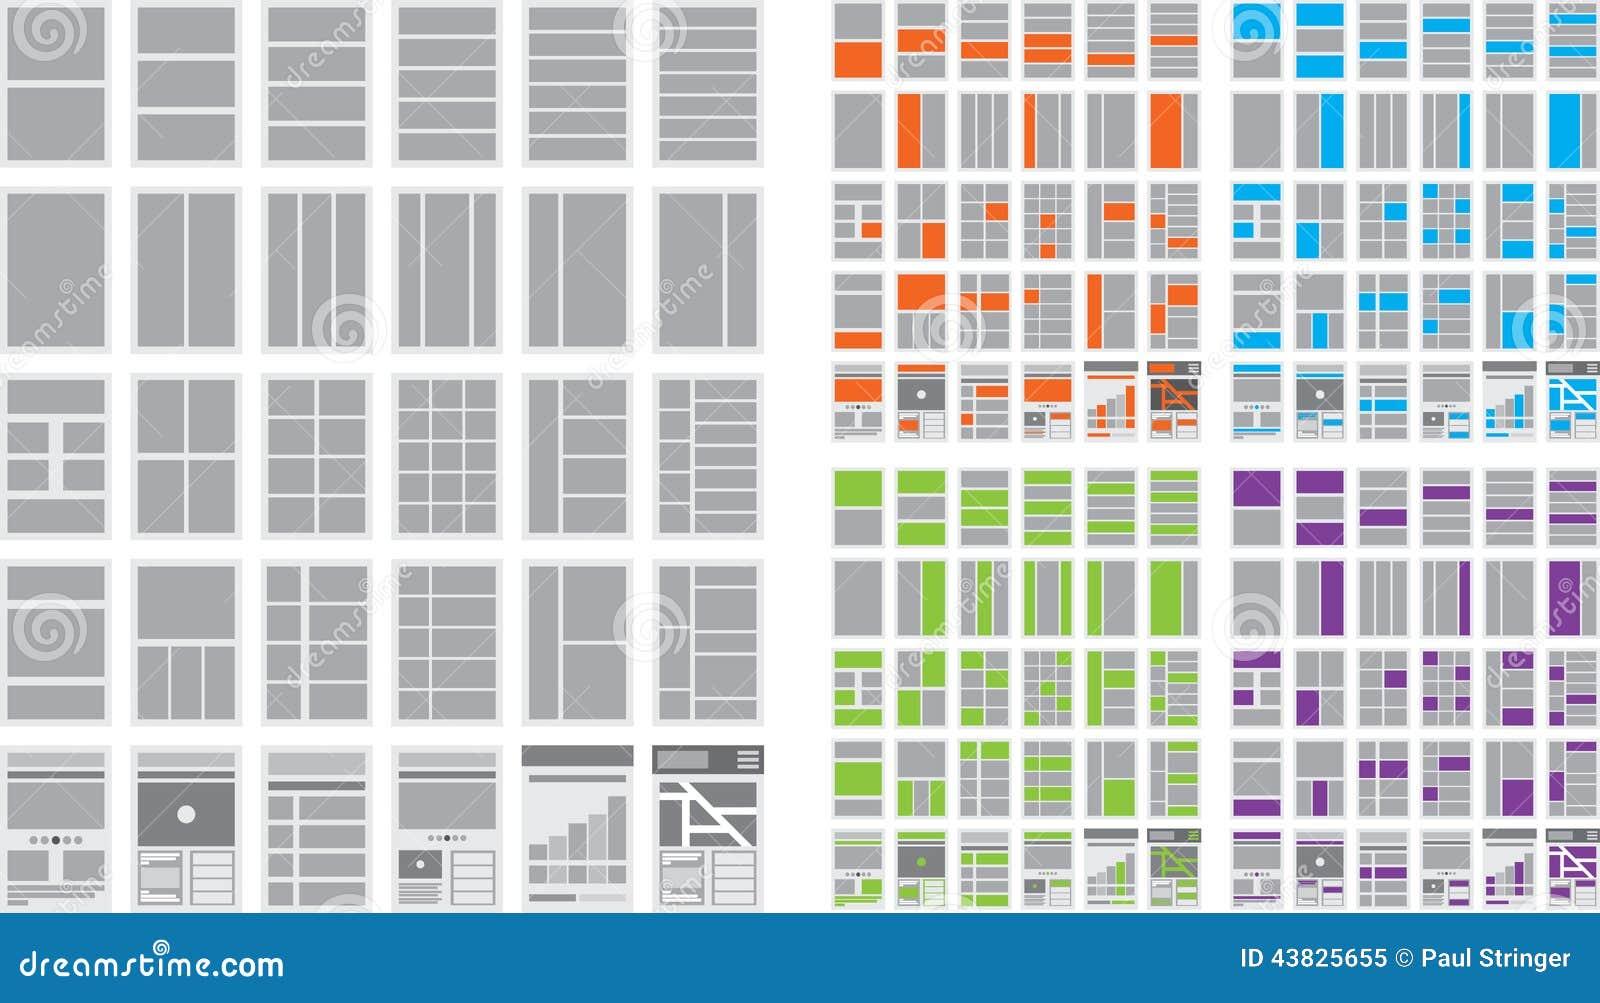 Ilustracja stron internetowych Flowcharts i miejsce mapy